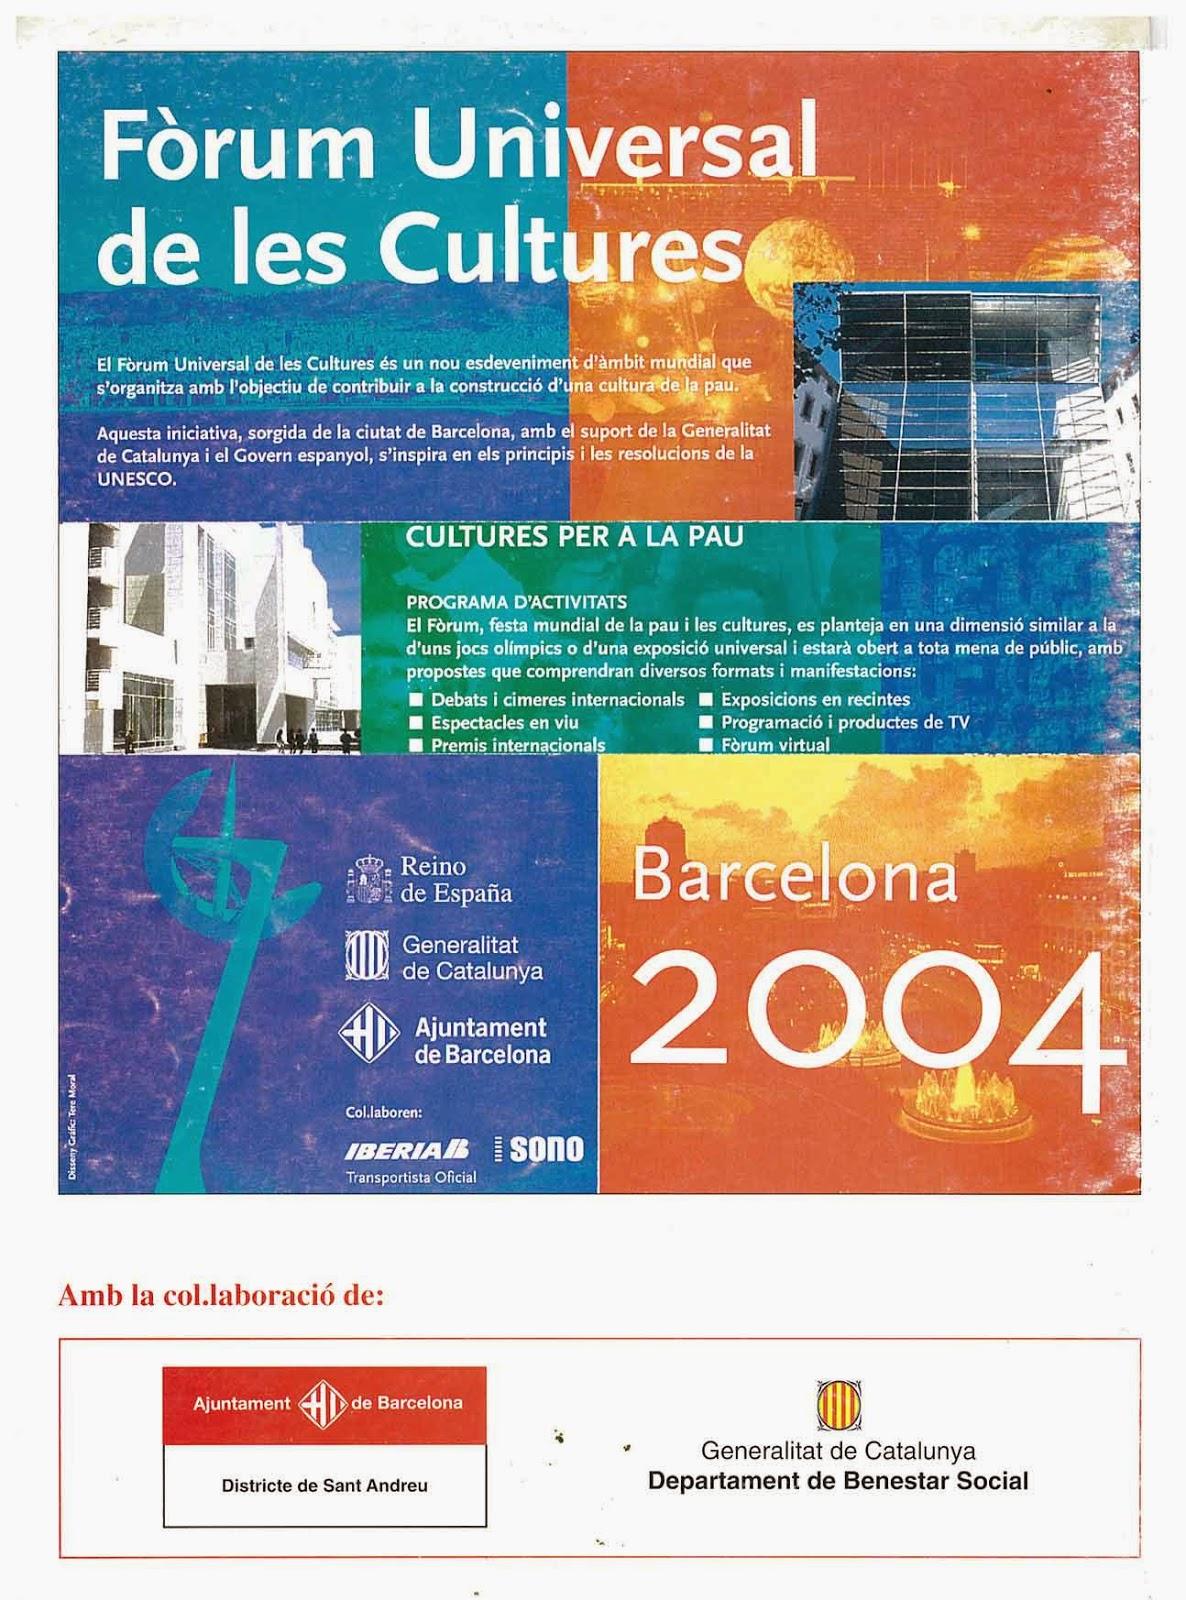 forum universal de las culturas